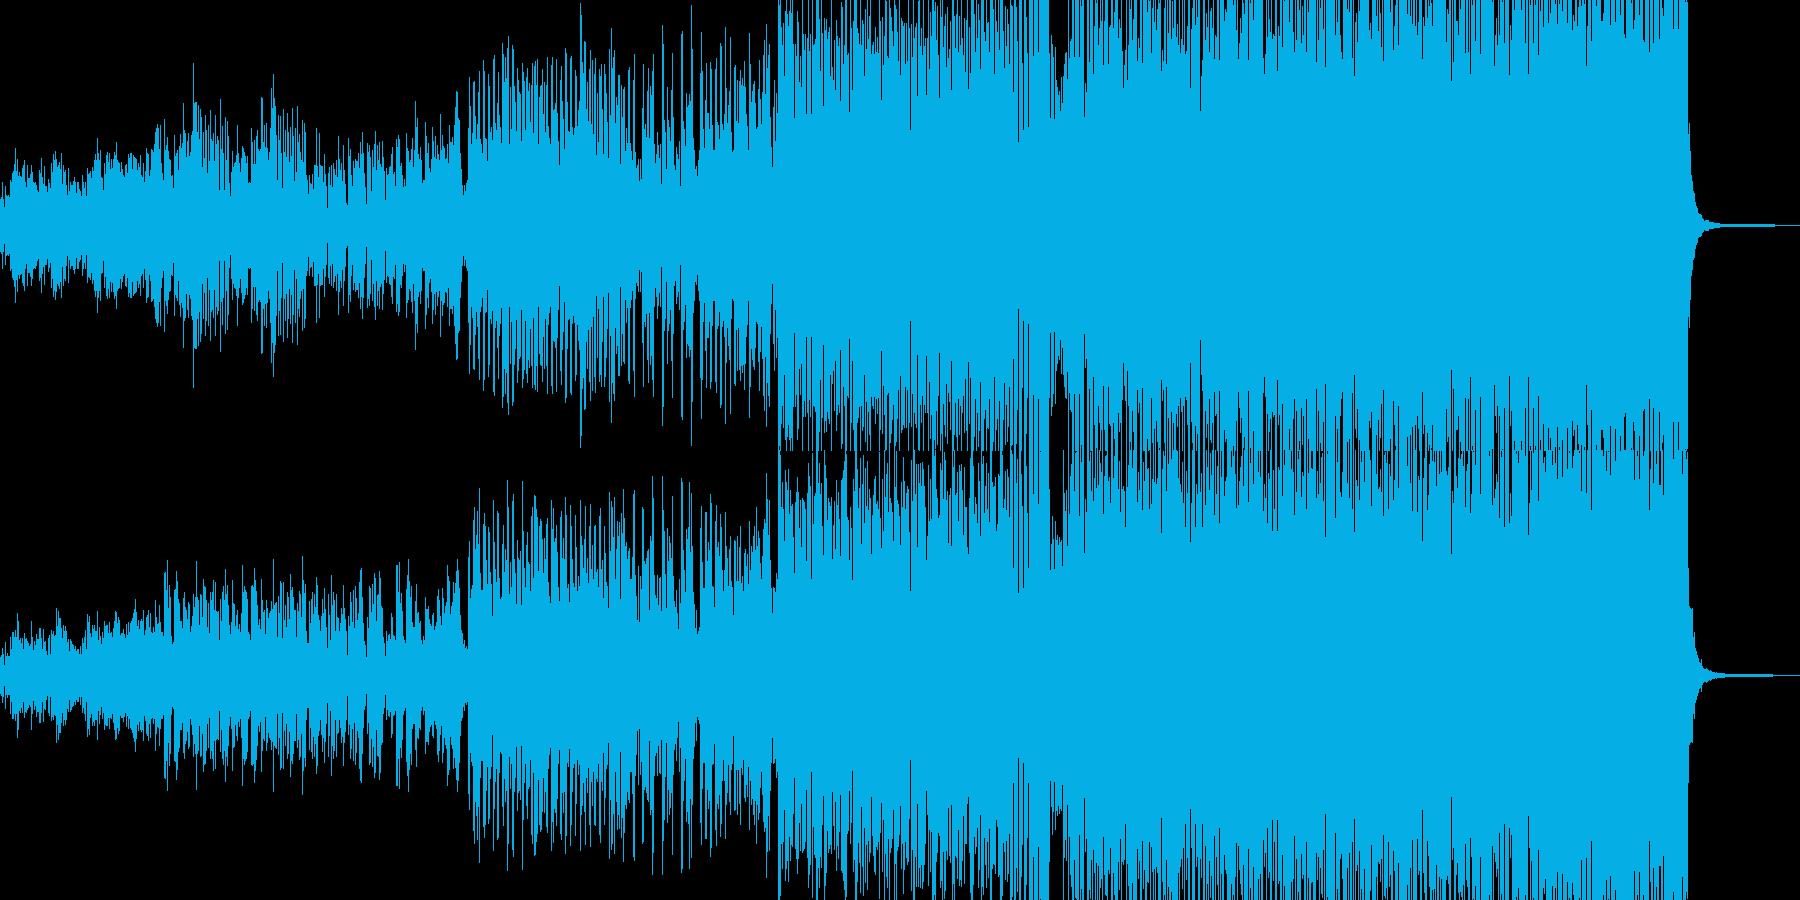 (≧▽≦)なトルコ行進曲の再生済みの波形